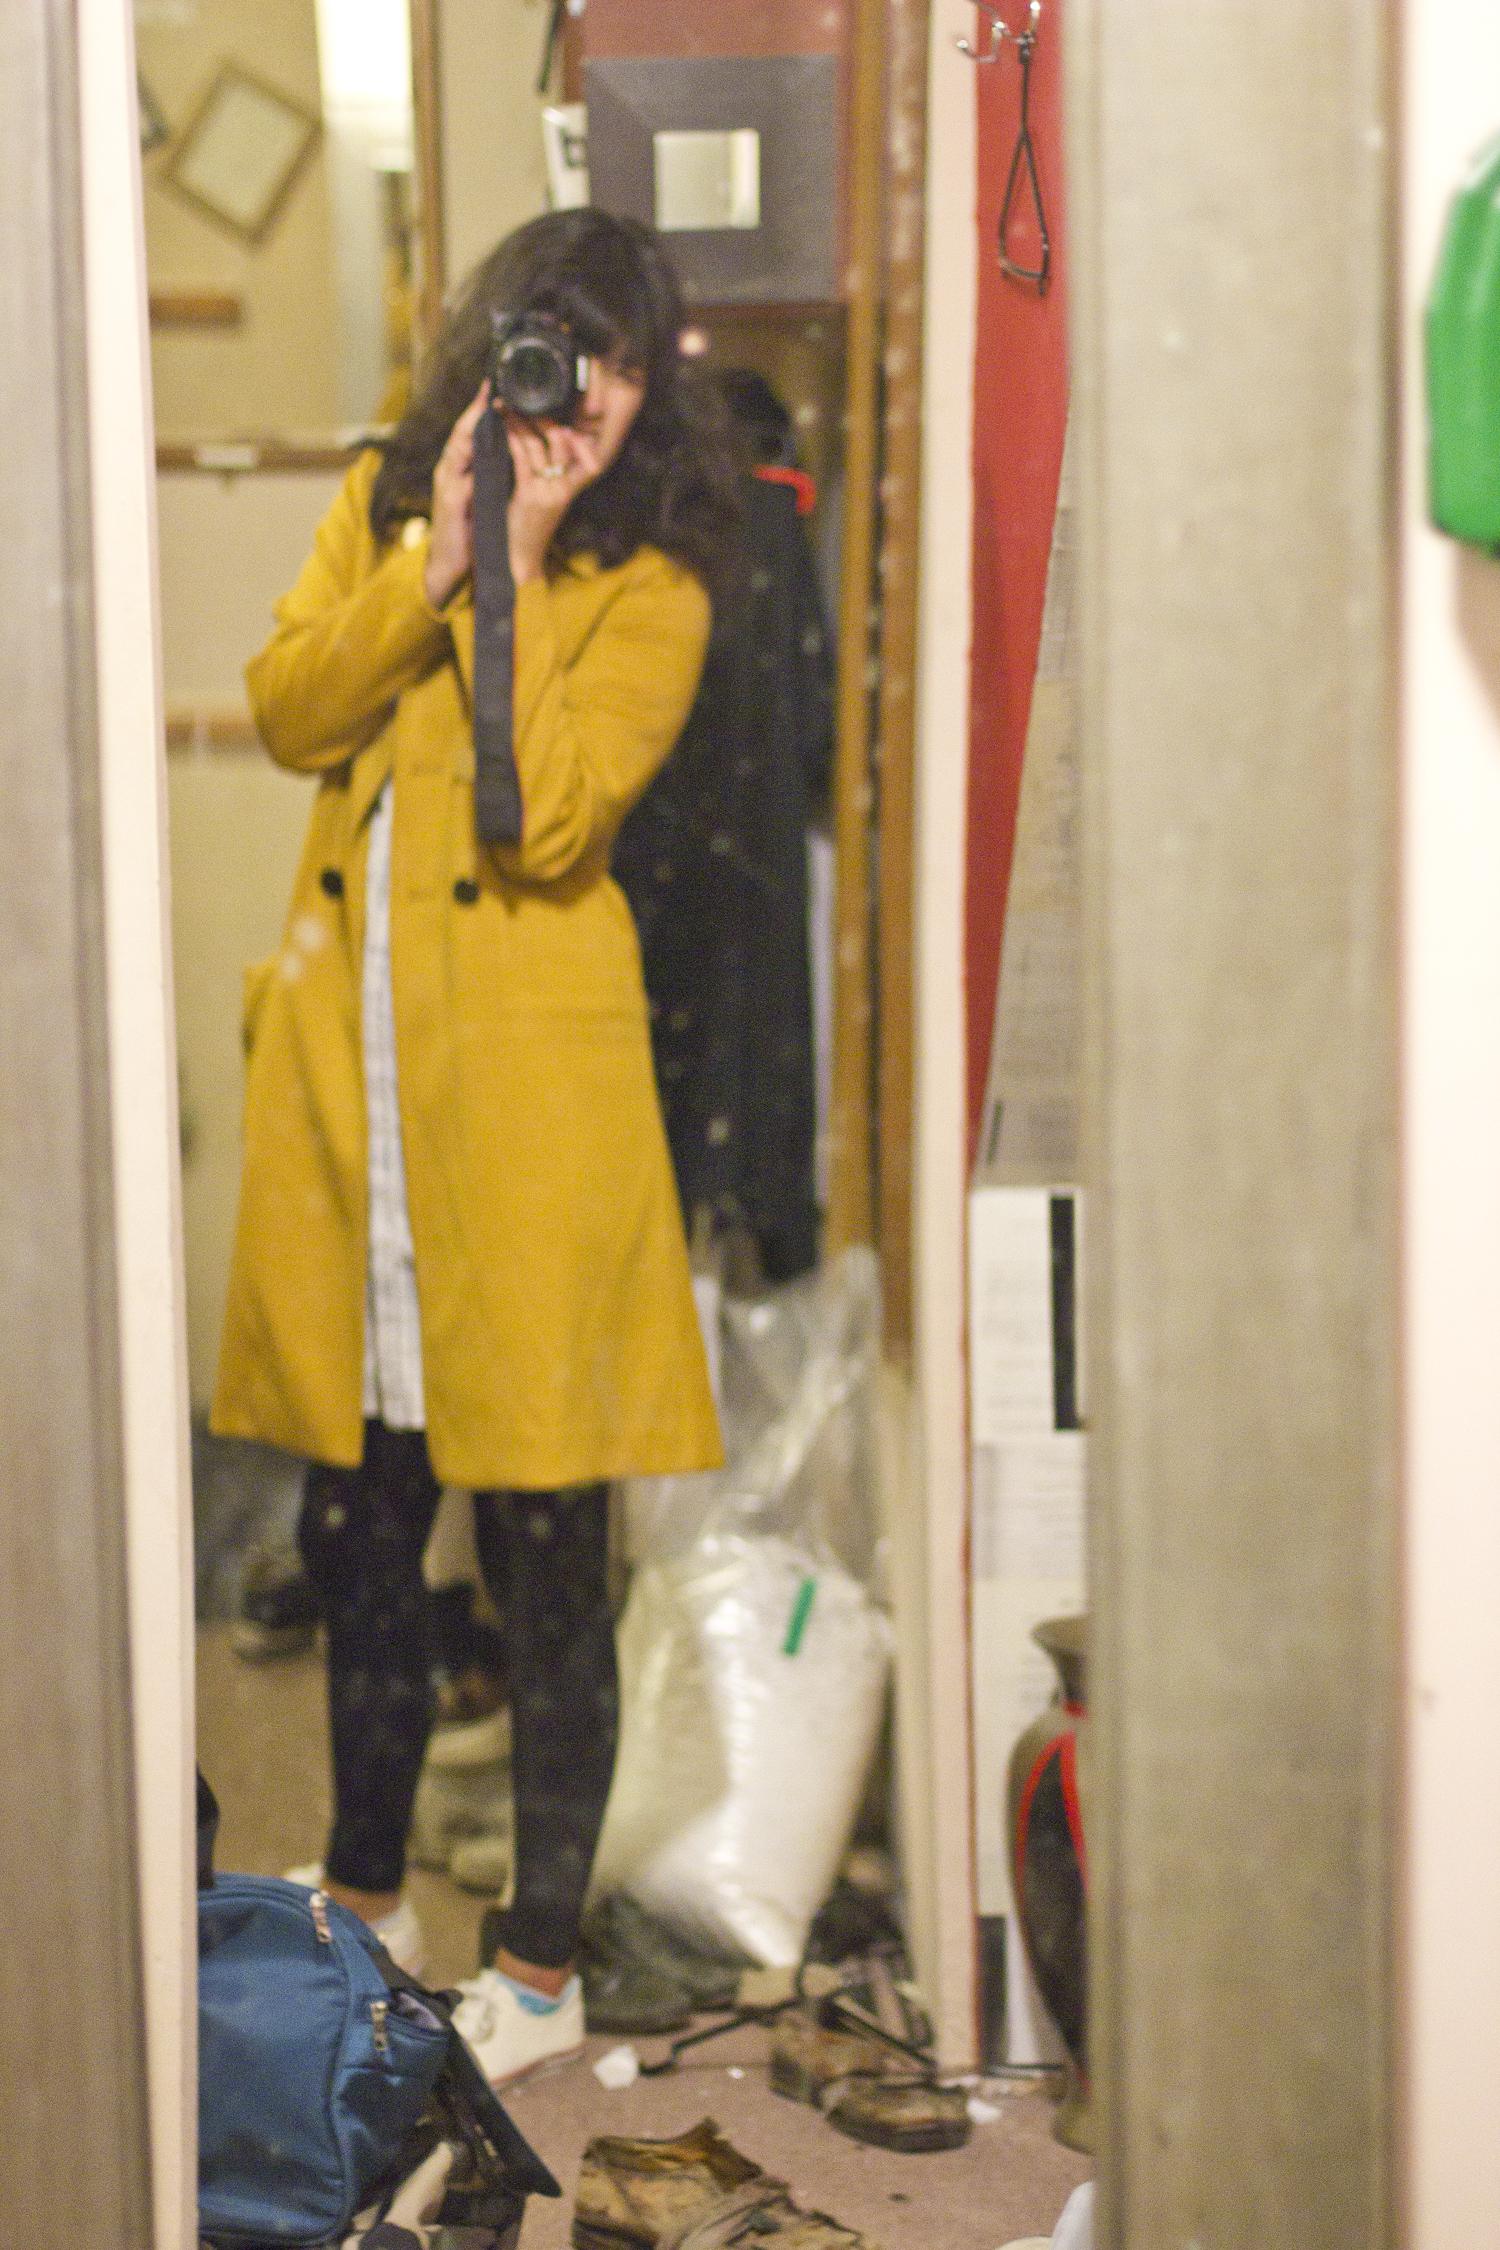 backstage long mirror selfie